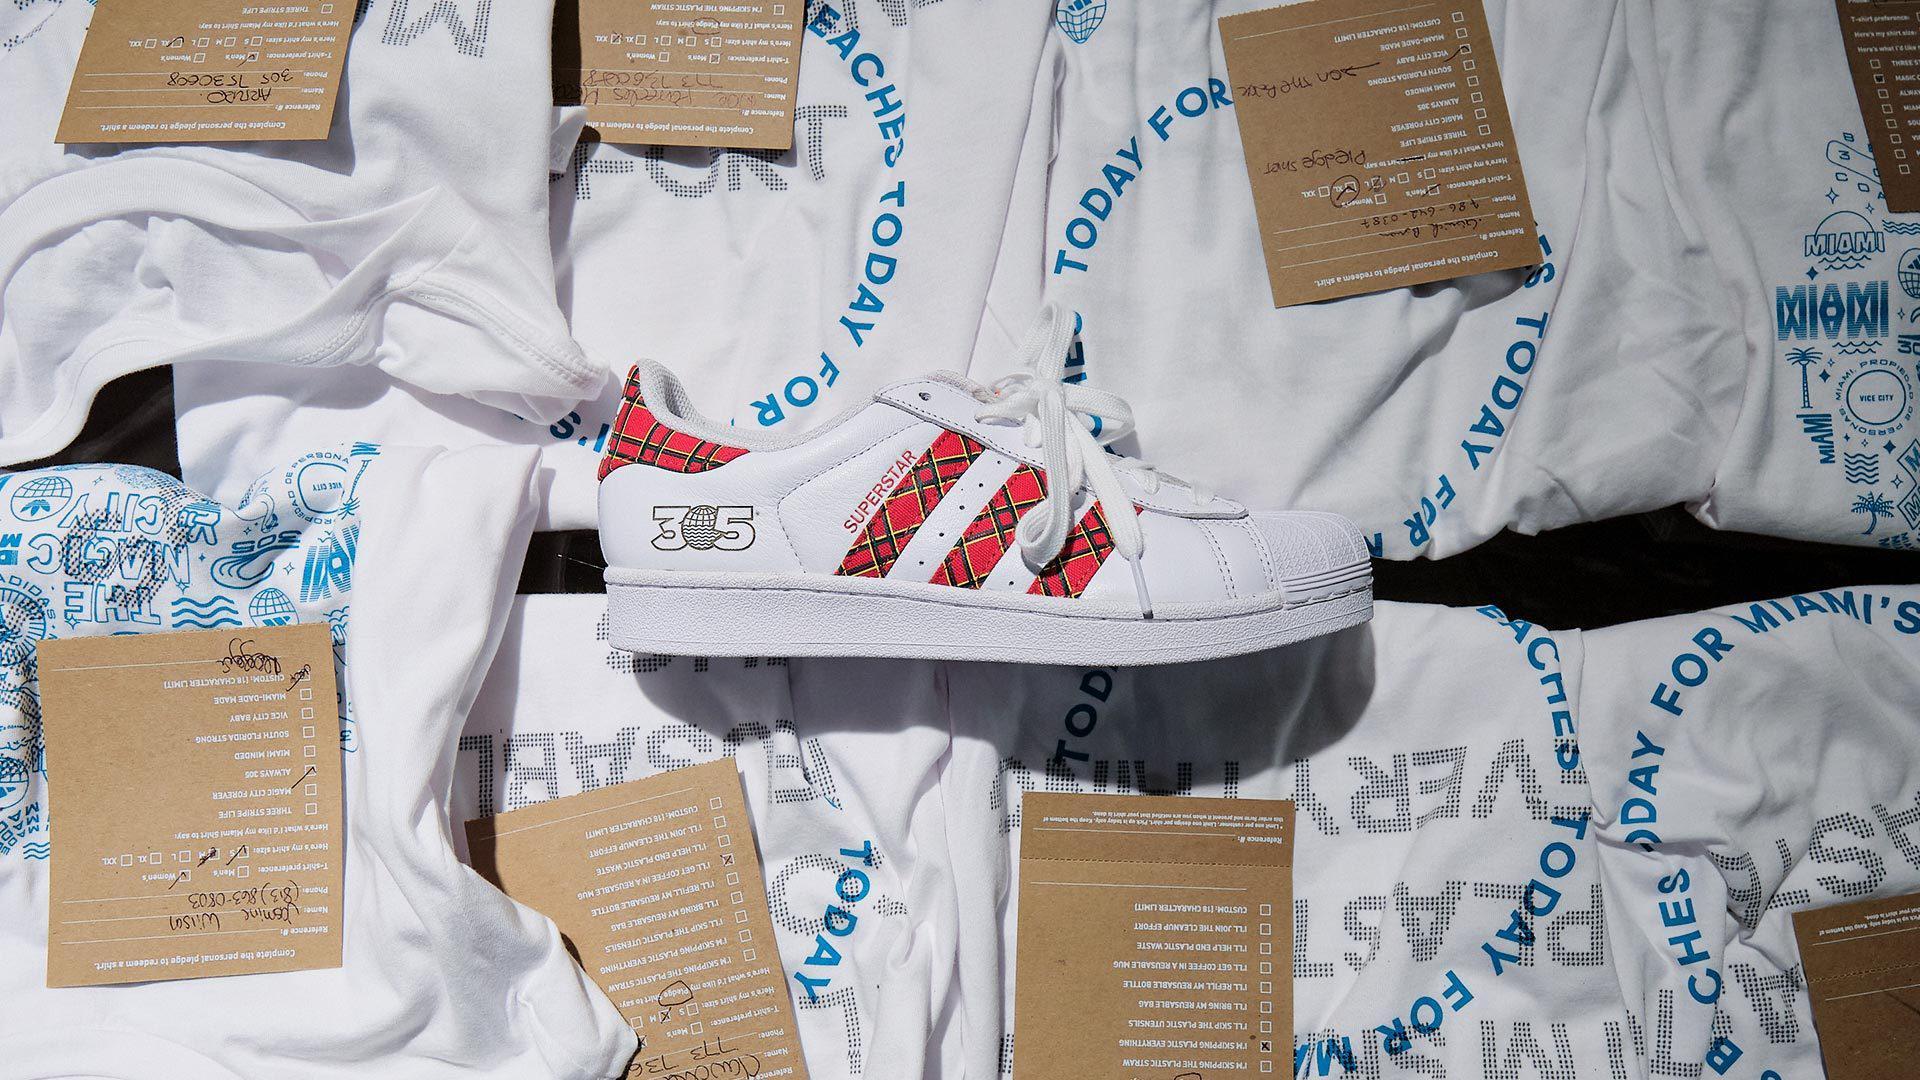 Adidas SB54 Miami R13 C1 V1